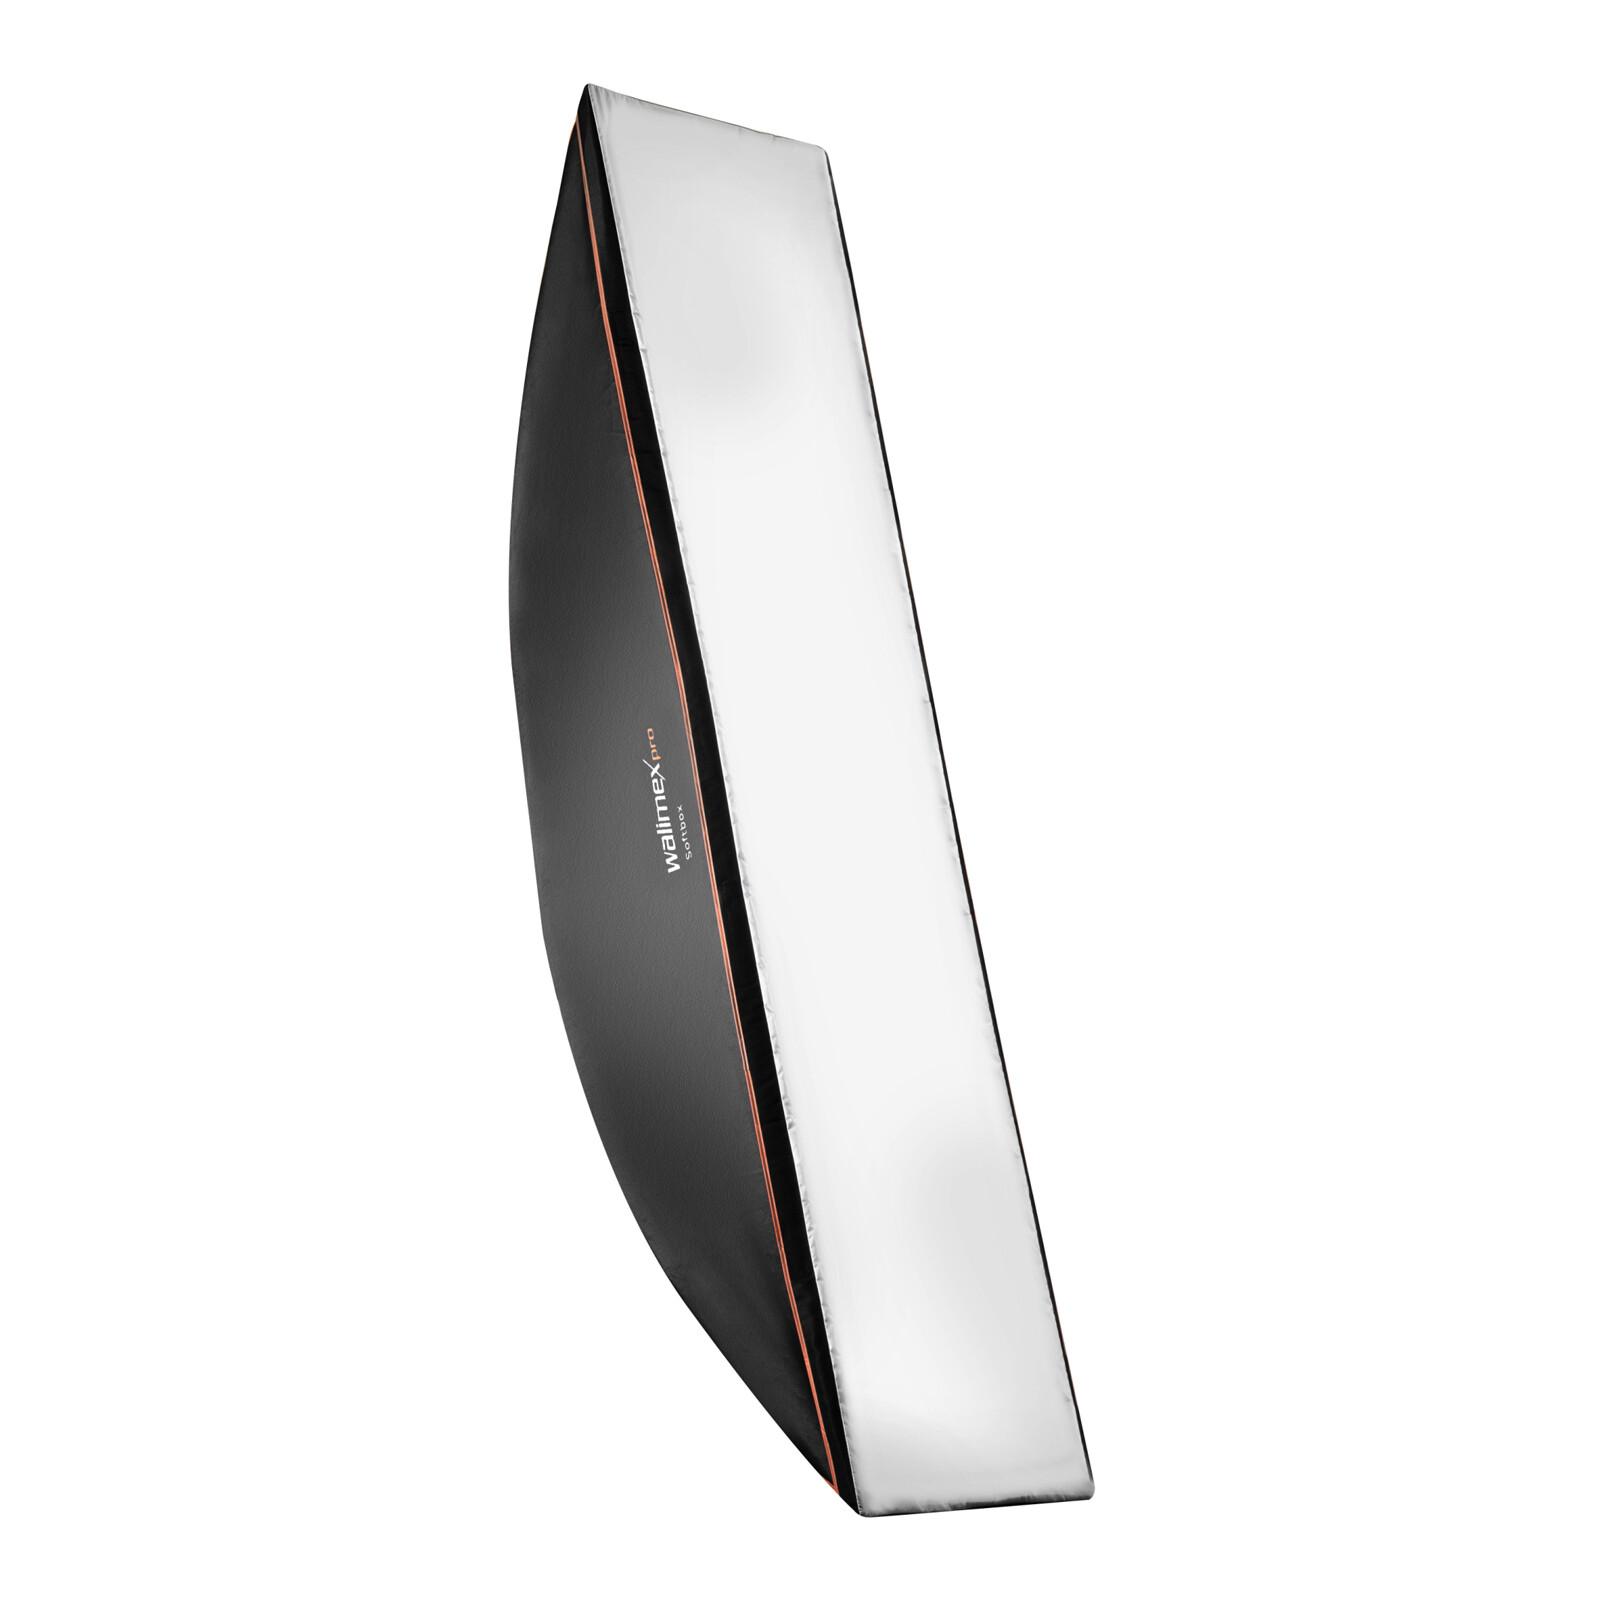 walimex pro Softbox OL 60x200cm walimex C&CR Serie